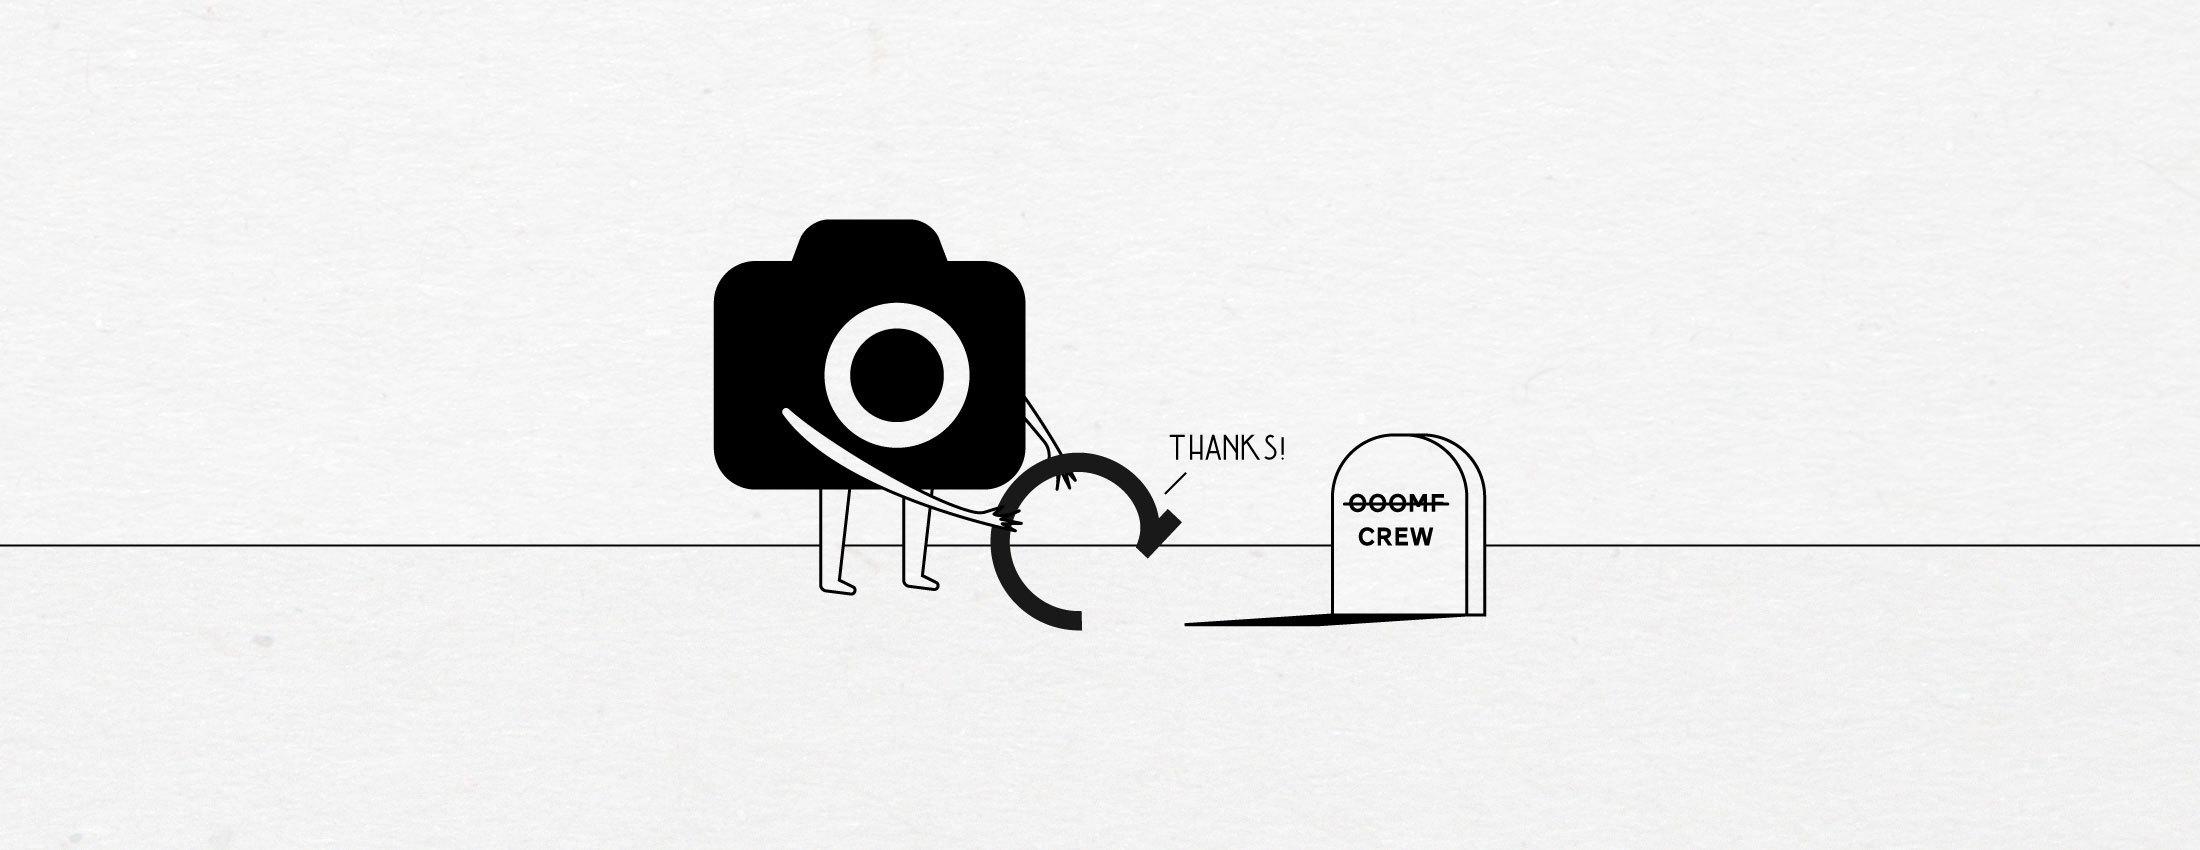 Crew Blog